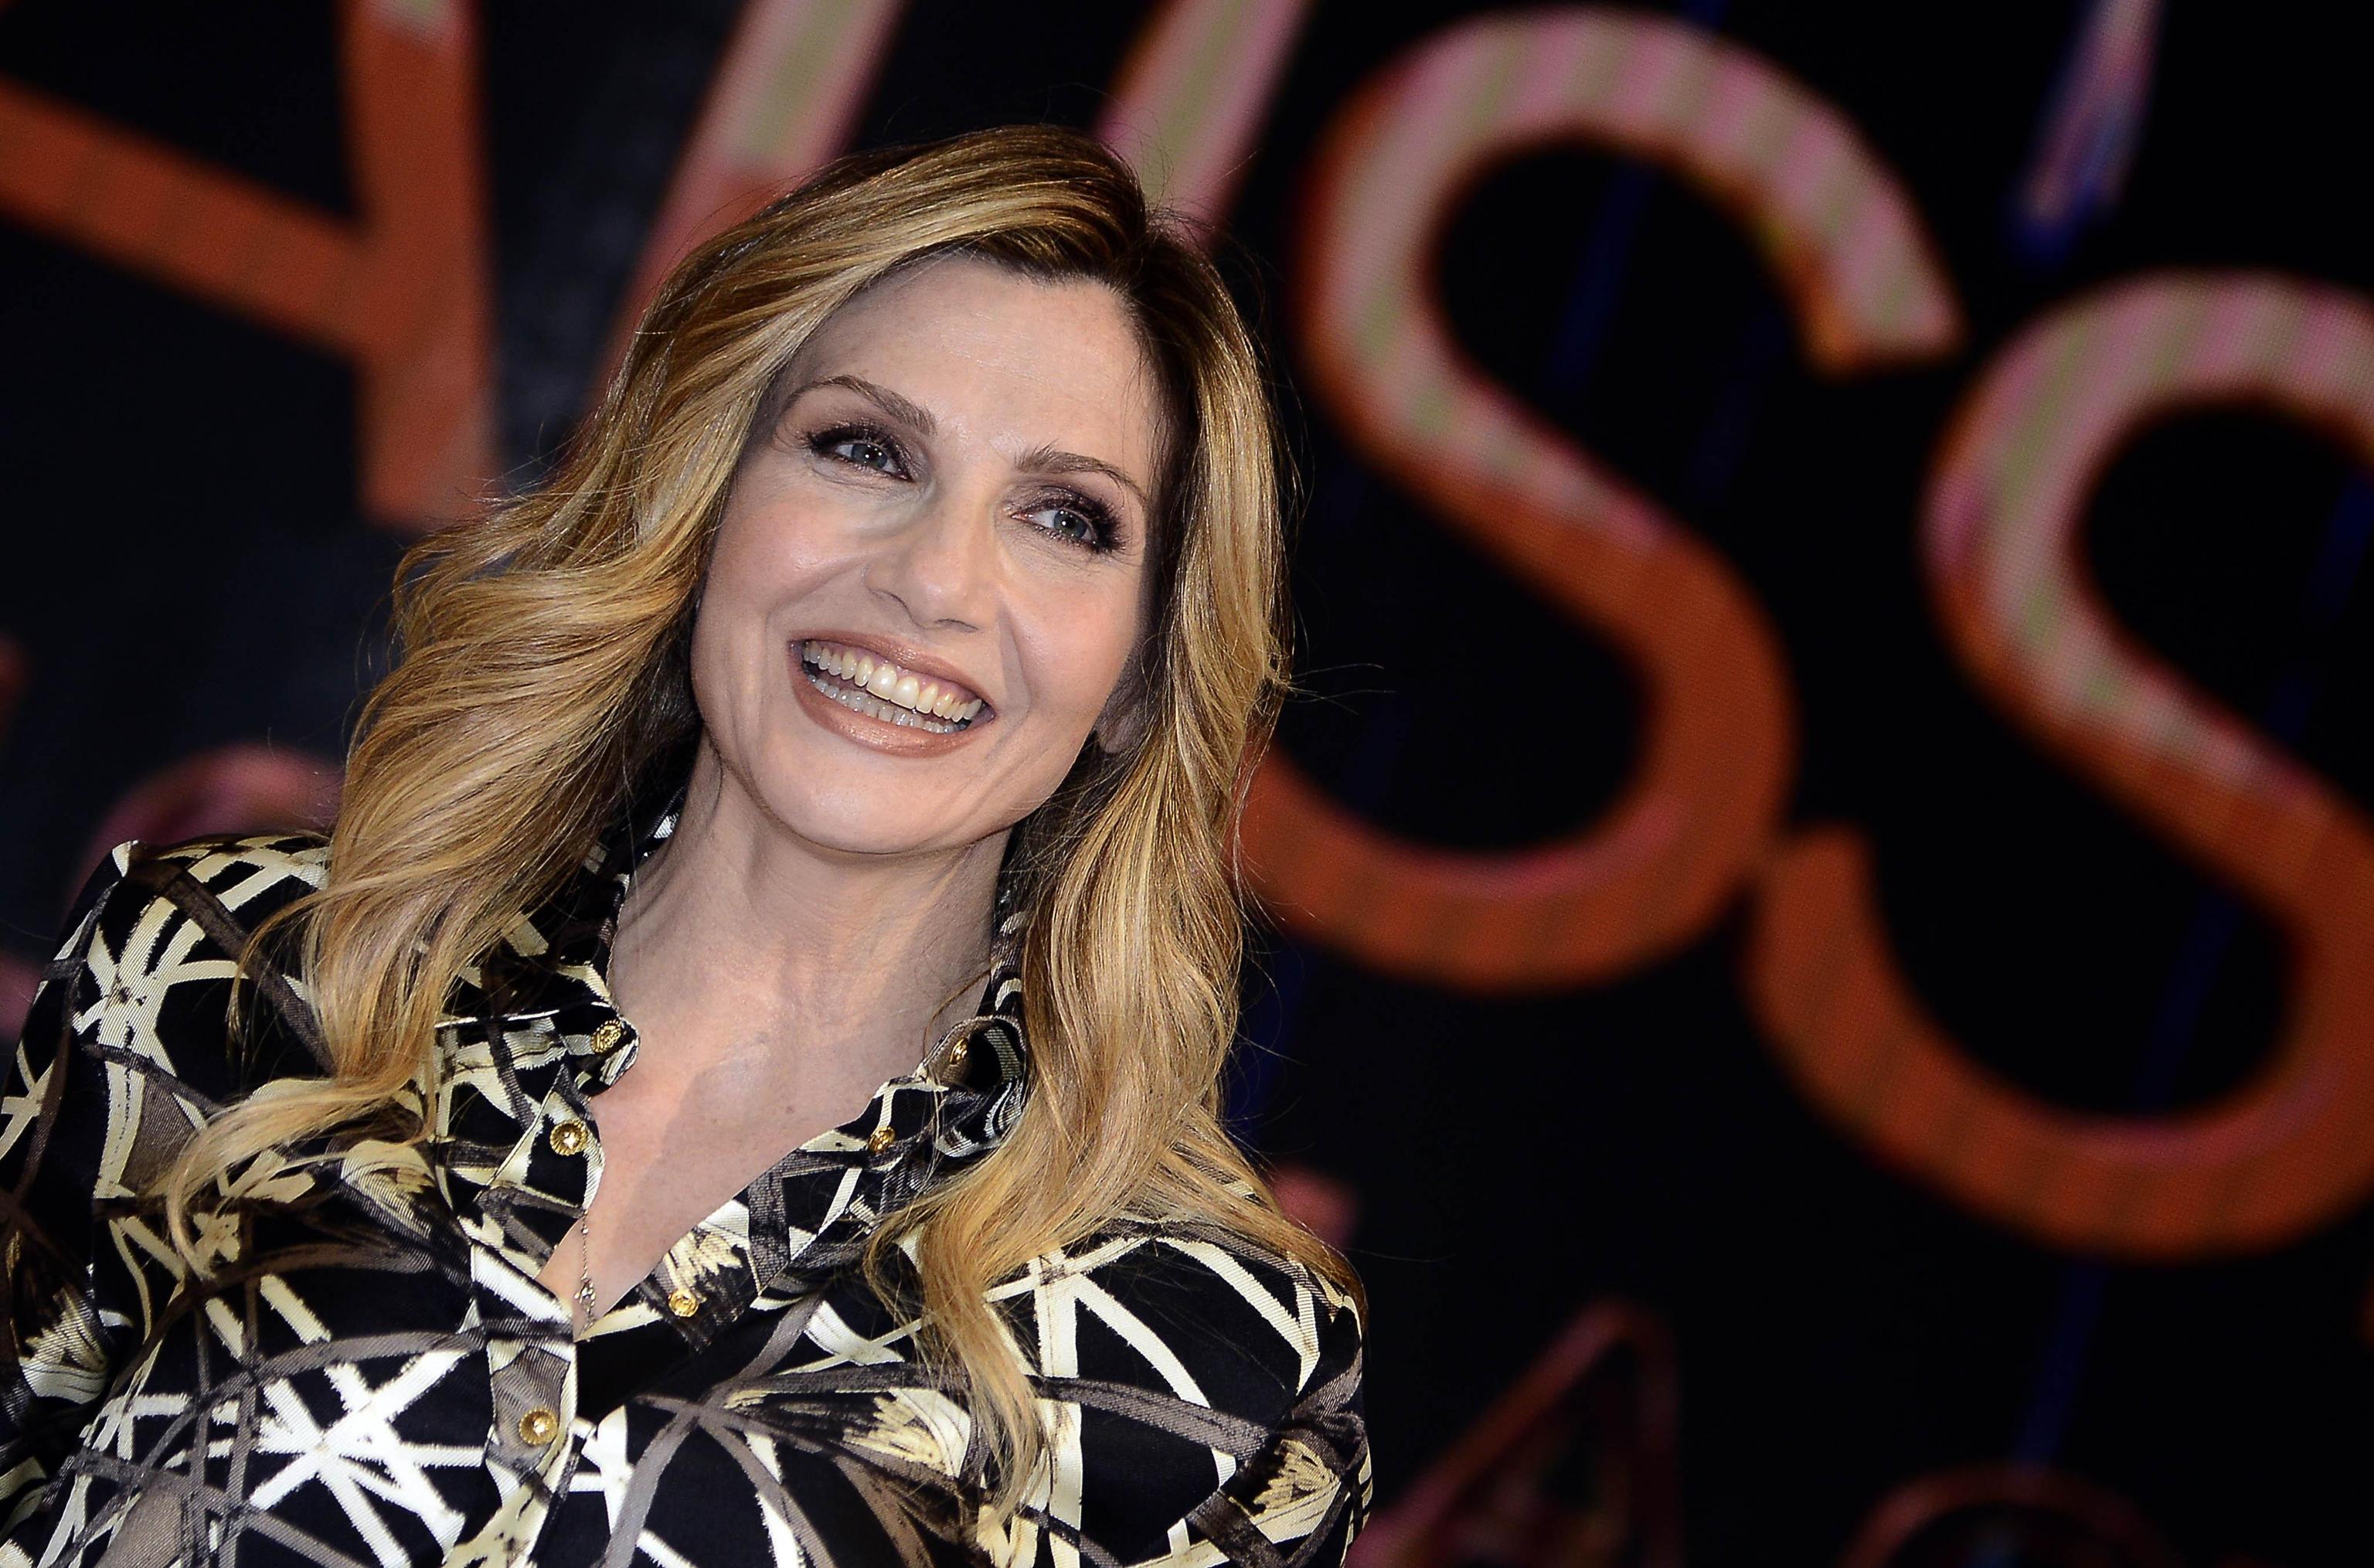 Lorella Cuccarini a #cartabianca: 'Fausto Brizzi innocente fino a prova contraria, le donne sanno quando dire no'